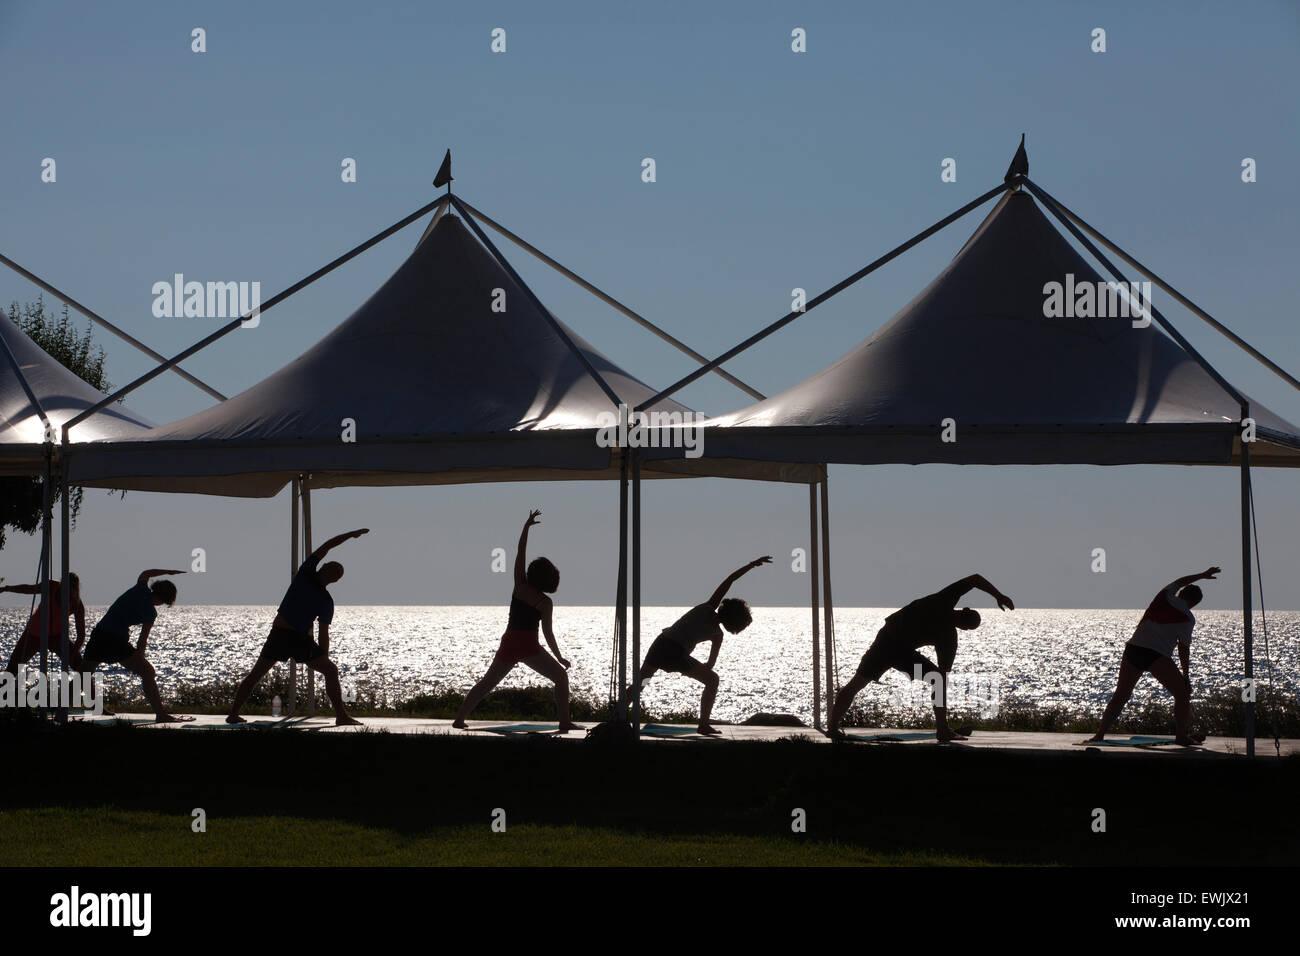 Yoga-Übung auf den Abend Licht, Limnos, griechische Inseln, Ägäis, Griechenland Stockbild